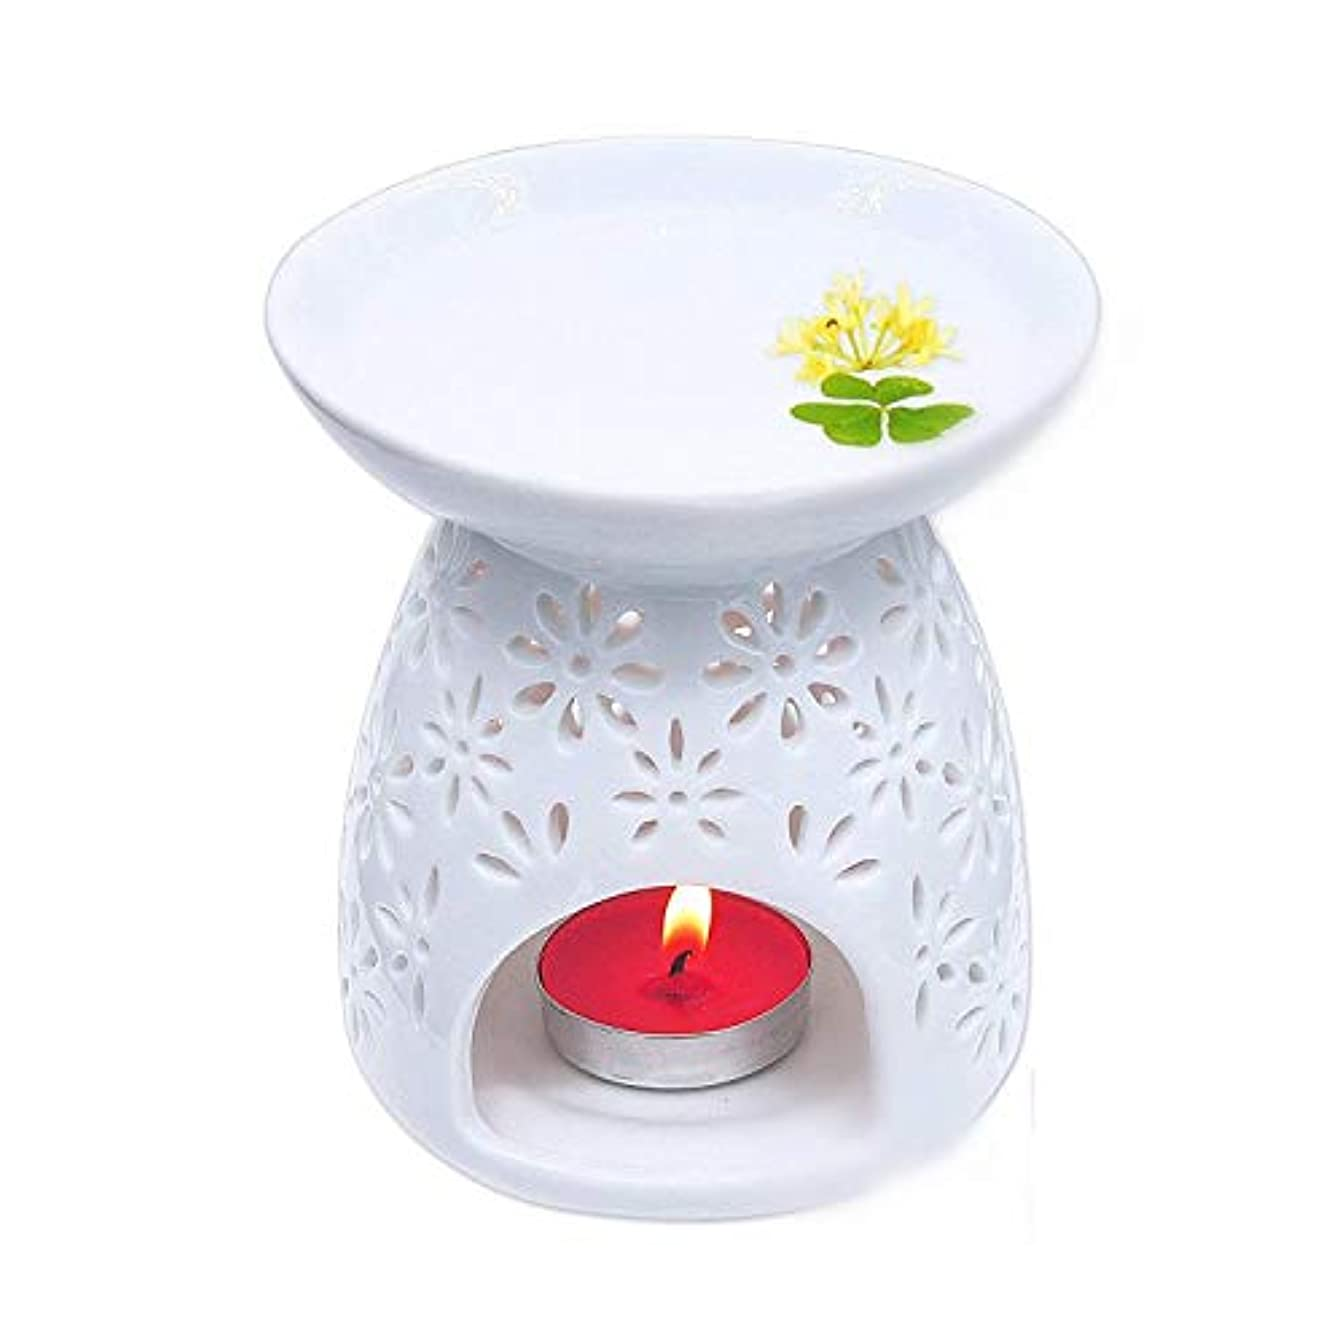 Pursue 茶香炉 アロマ炉 香炉 陶器 精油 香炉置物 薫香 インテリア アロマディフューザー 中空の彫刻工 消臭と癒し おしゃれ